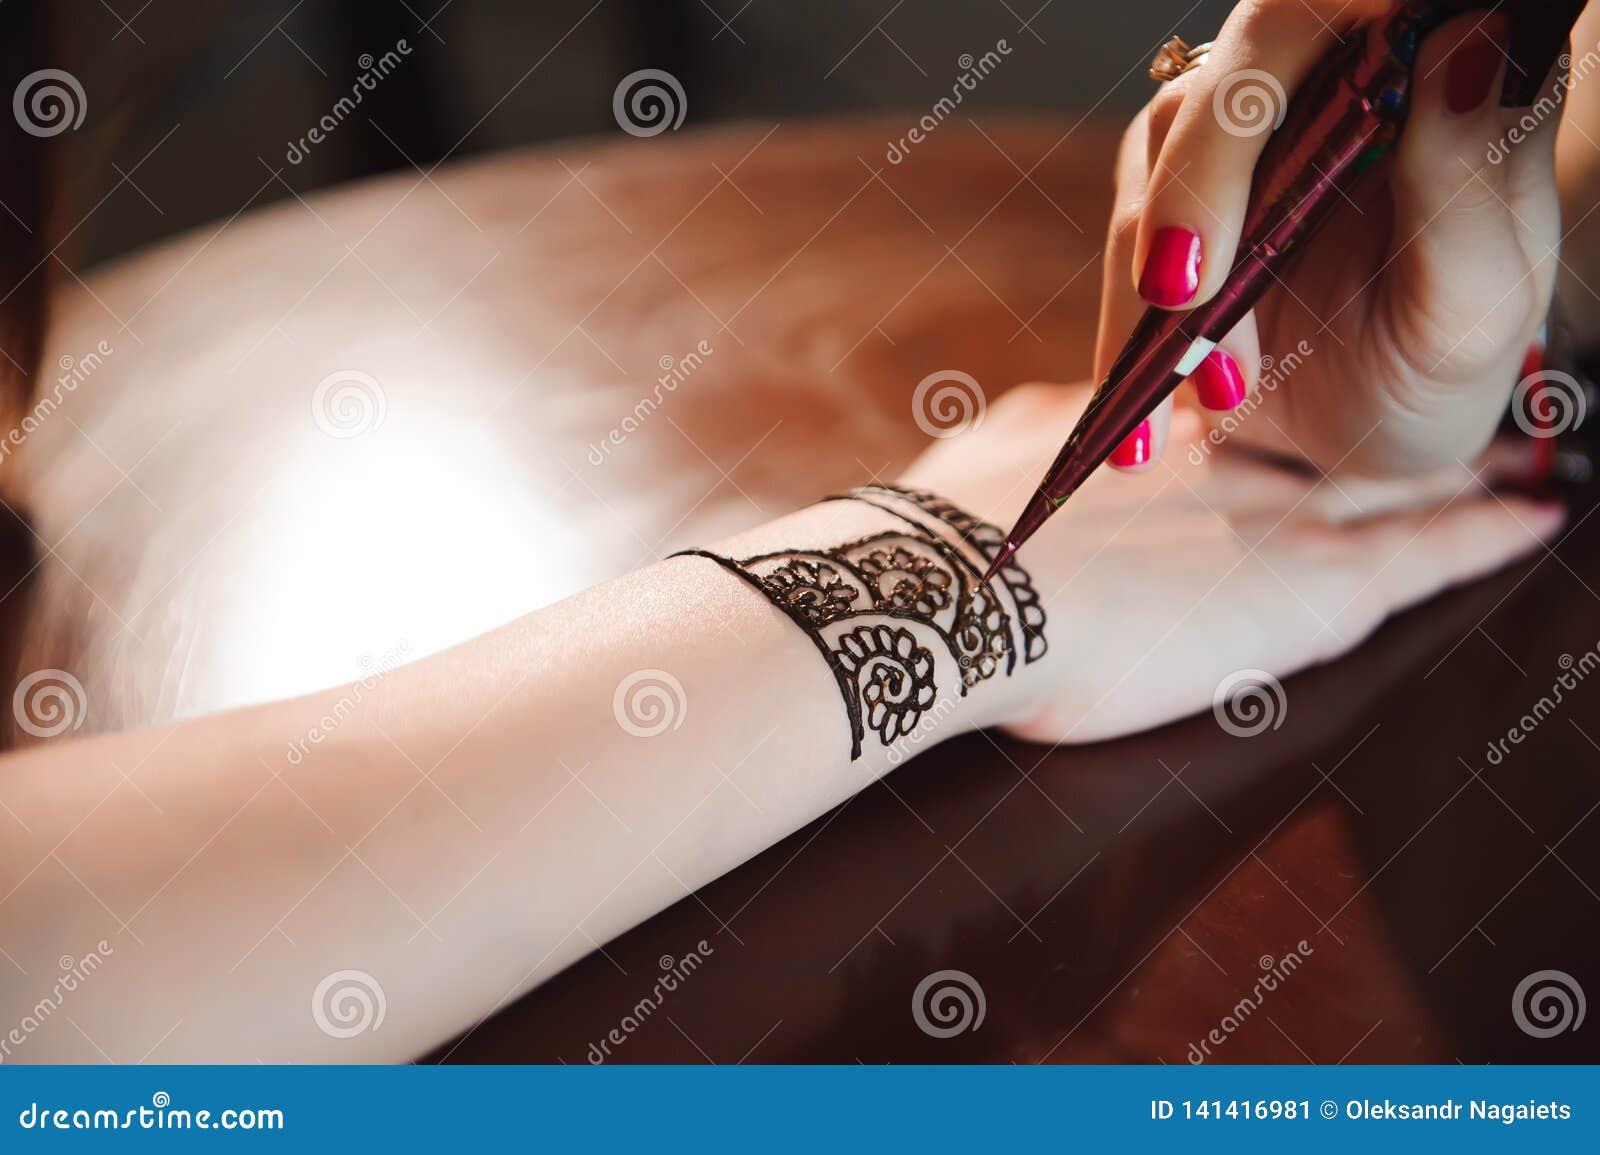 Künstler, der Hennastrauchtätowierung auf Frauenhänden anwendet Mehndi ist traditionelle indische dekorative Kunst